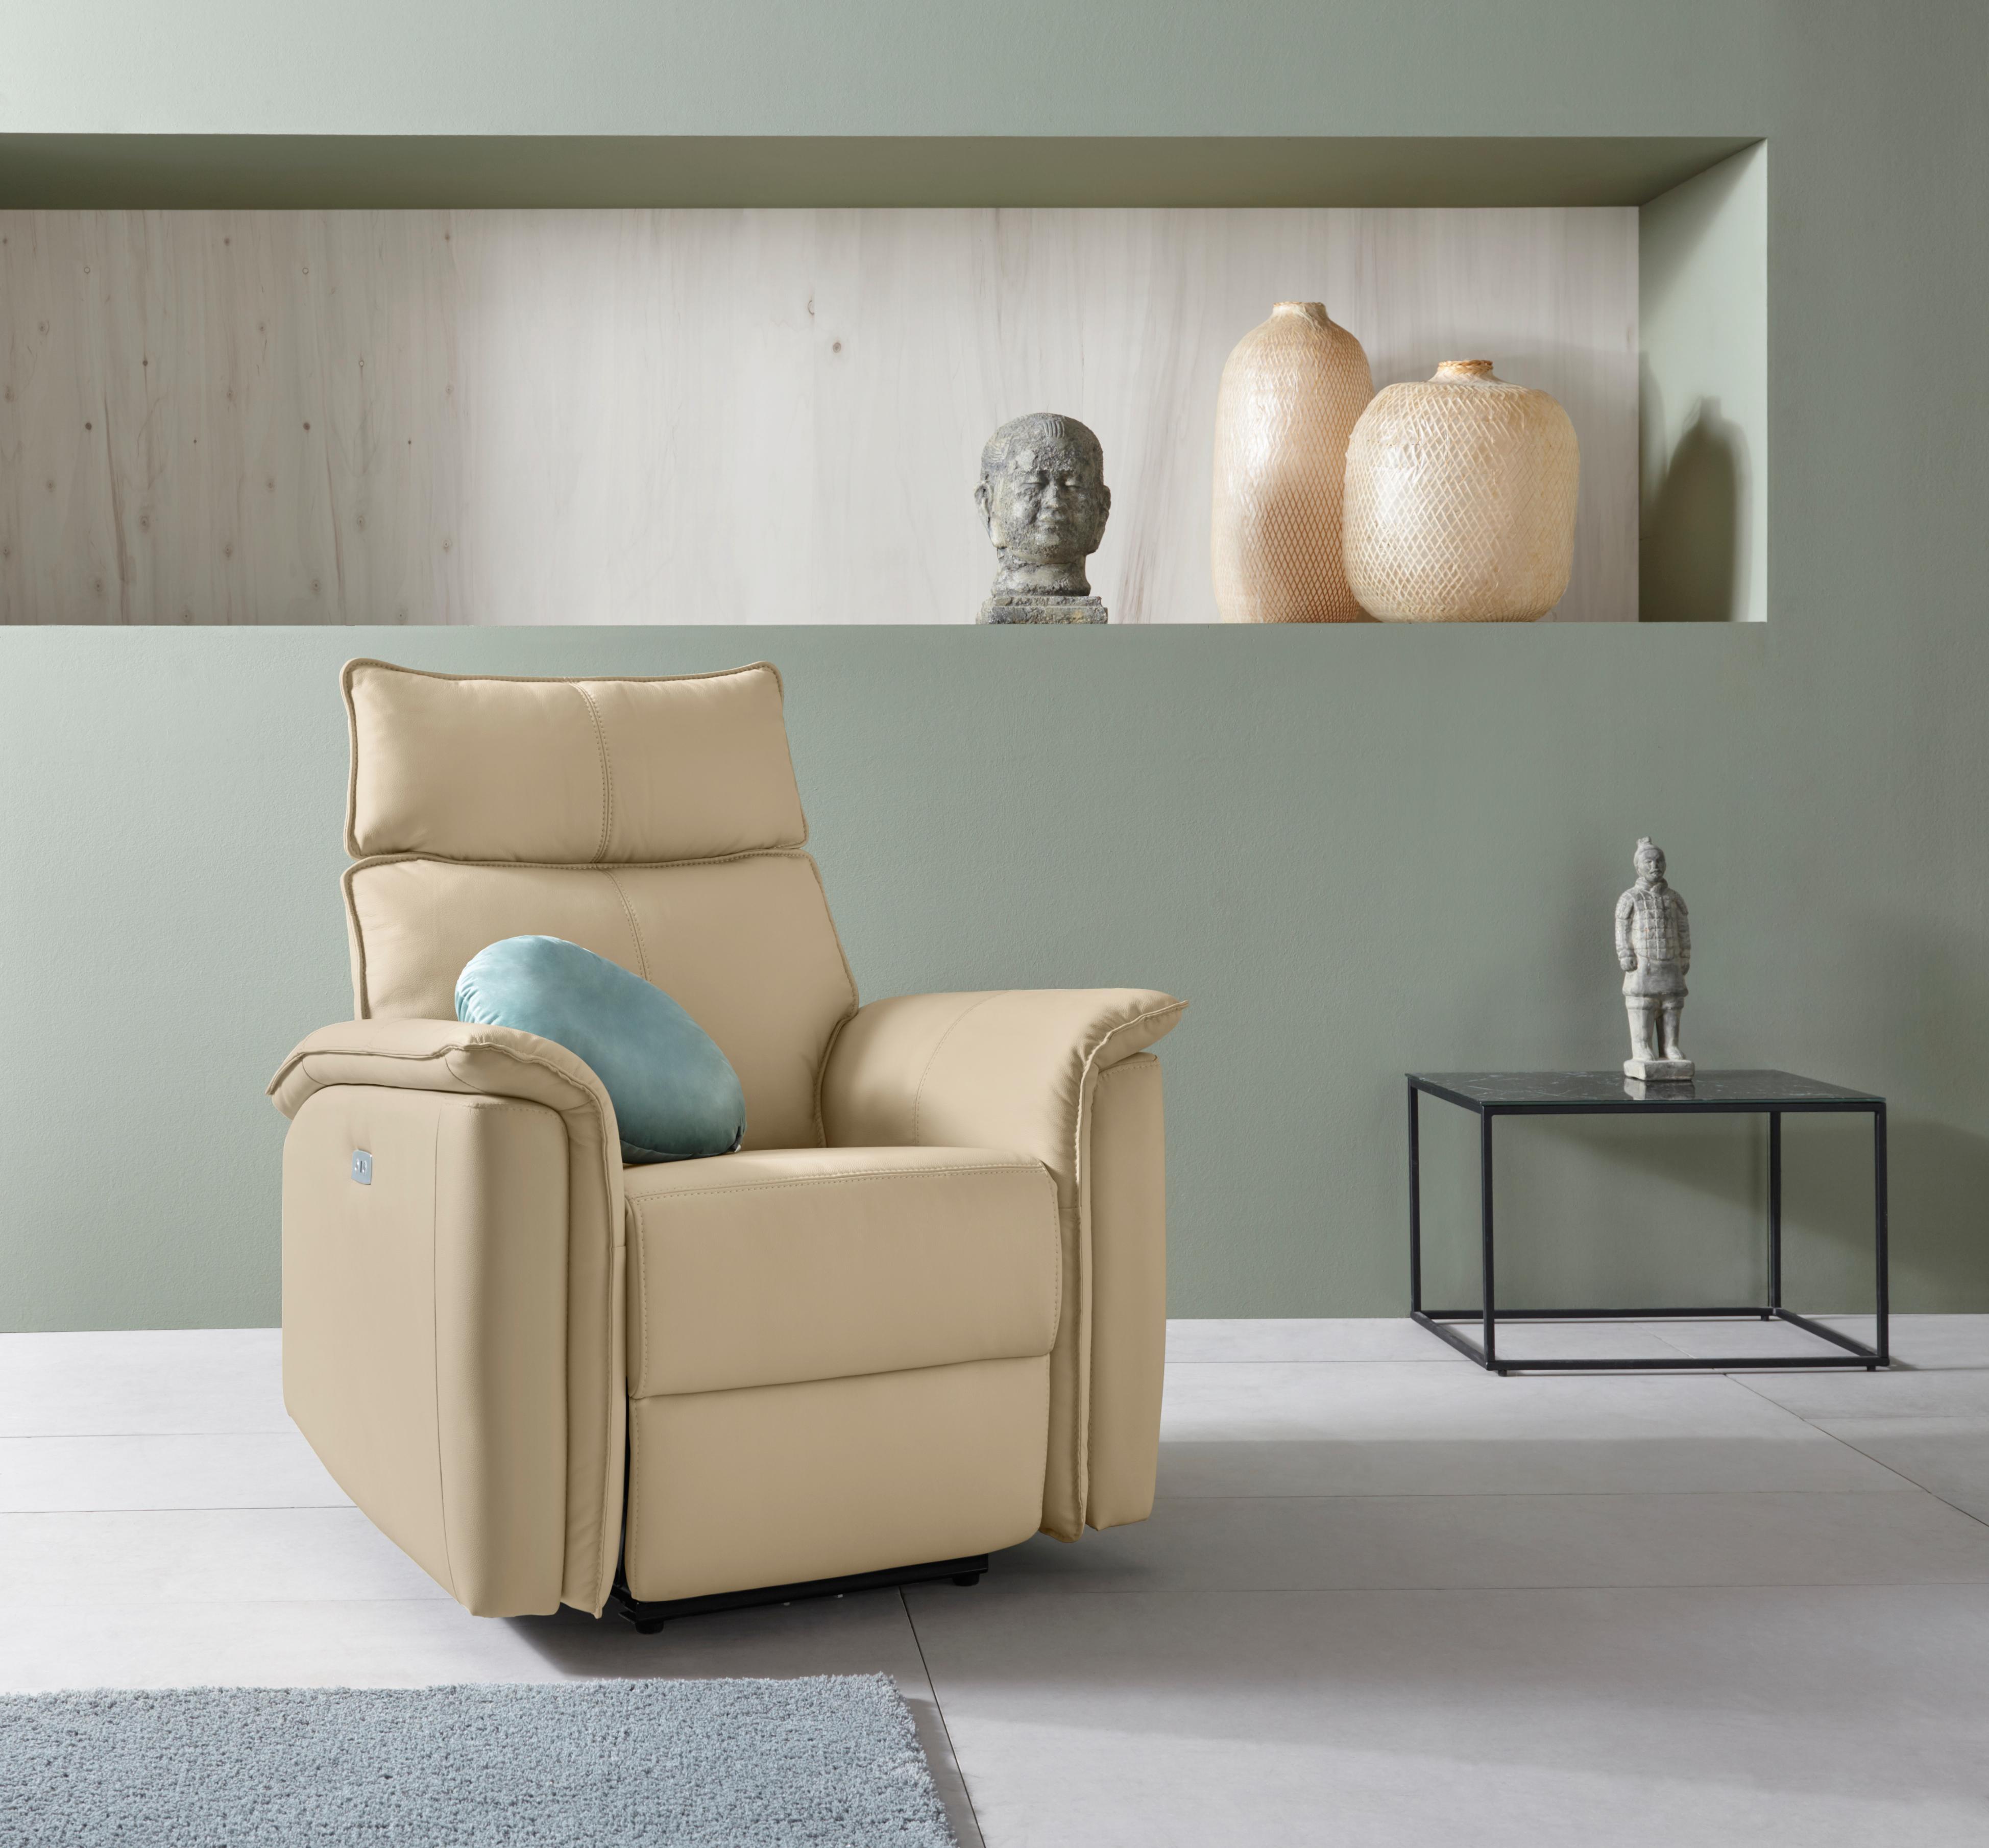 Places of Style Relaxsessel Zola mit hohen Sitzkomfort elektischer Relaxfunktion und USB-Steckeranschluss Breite 87 cm